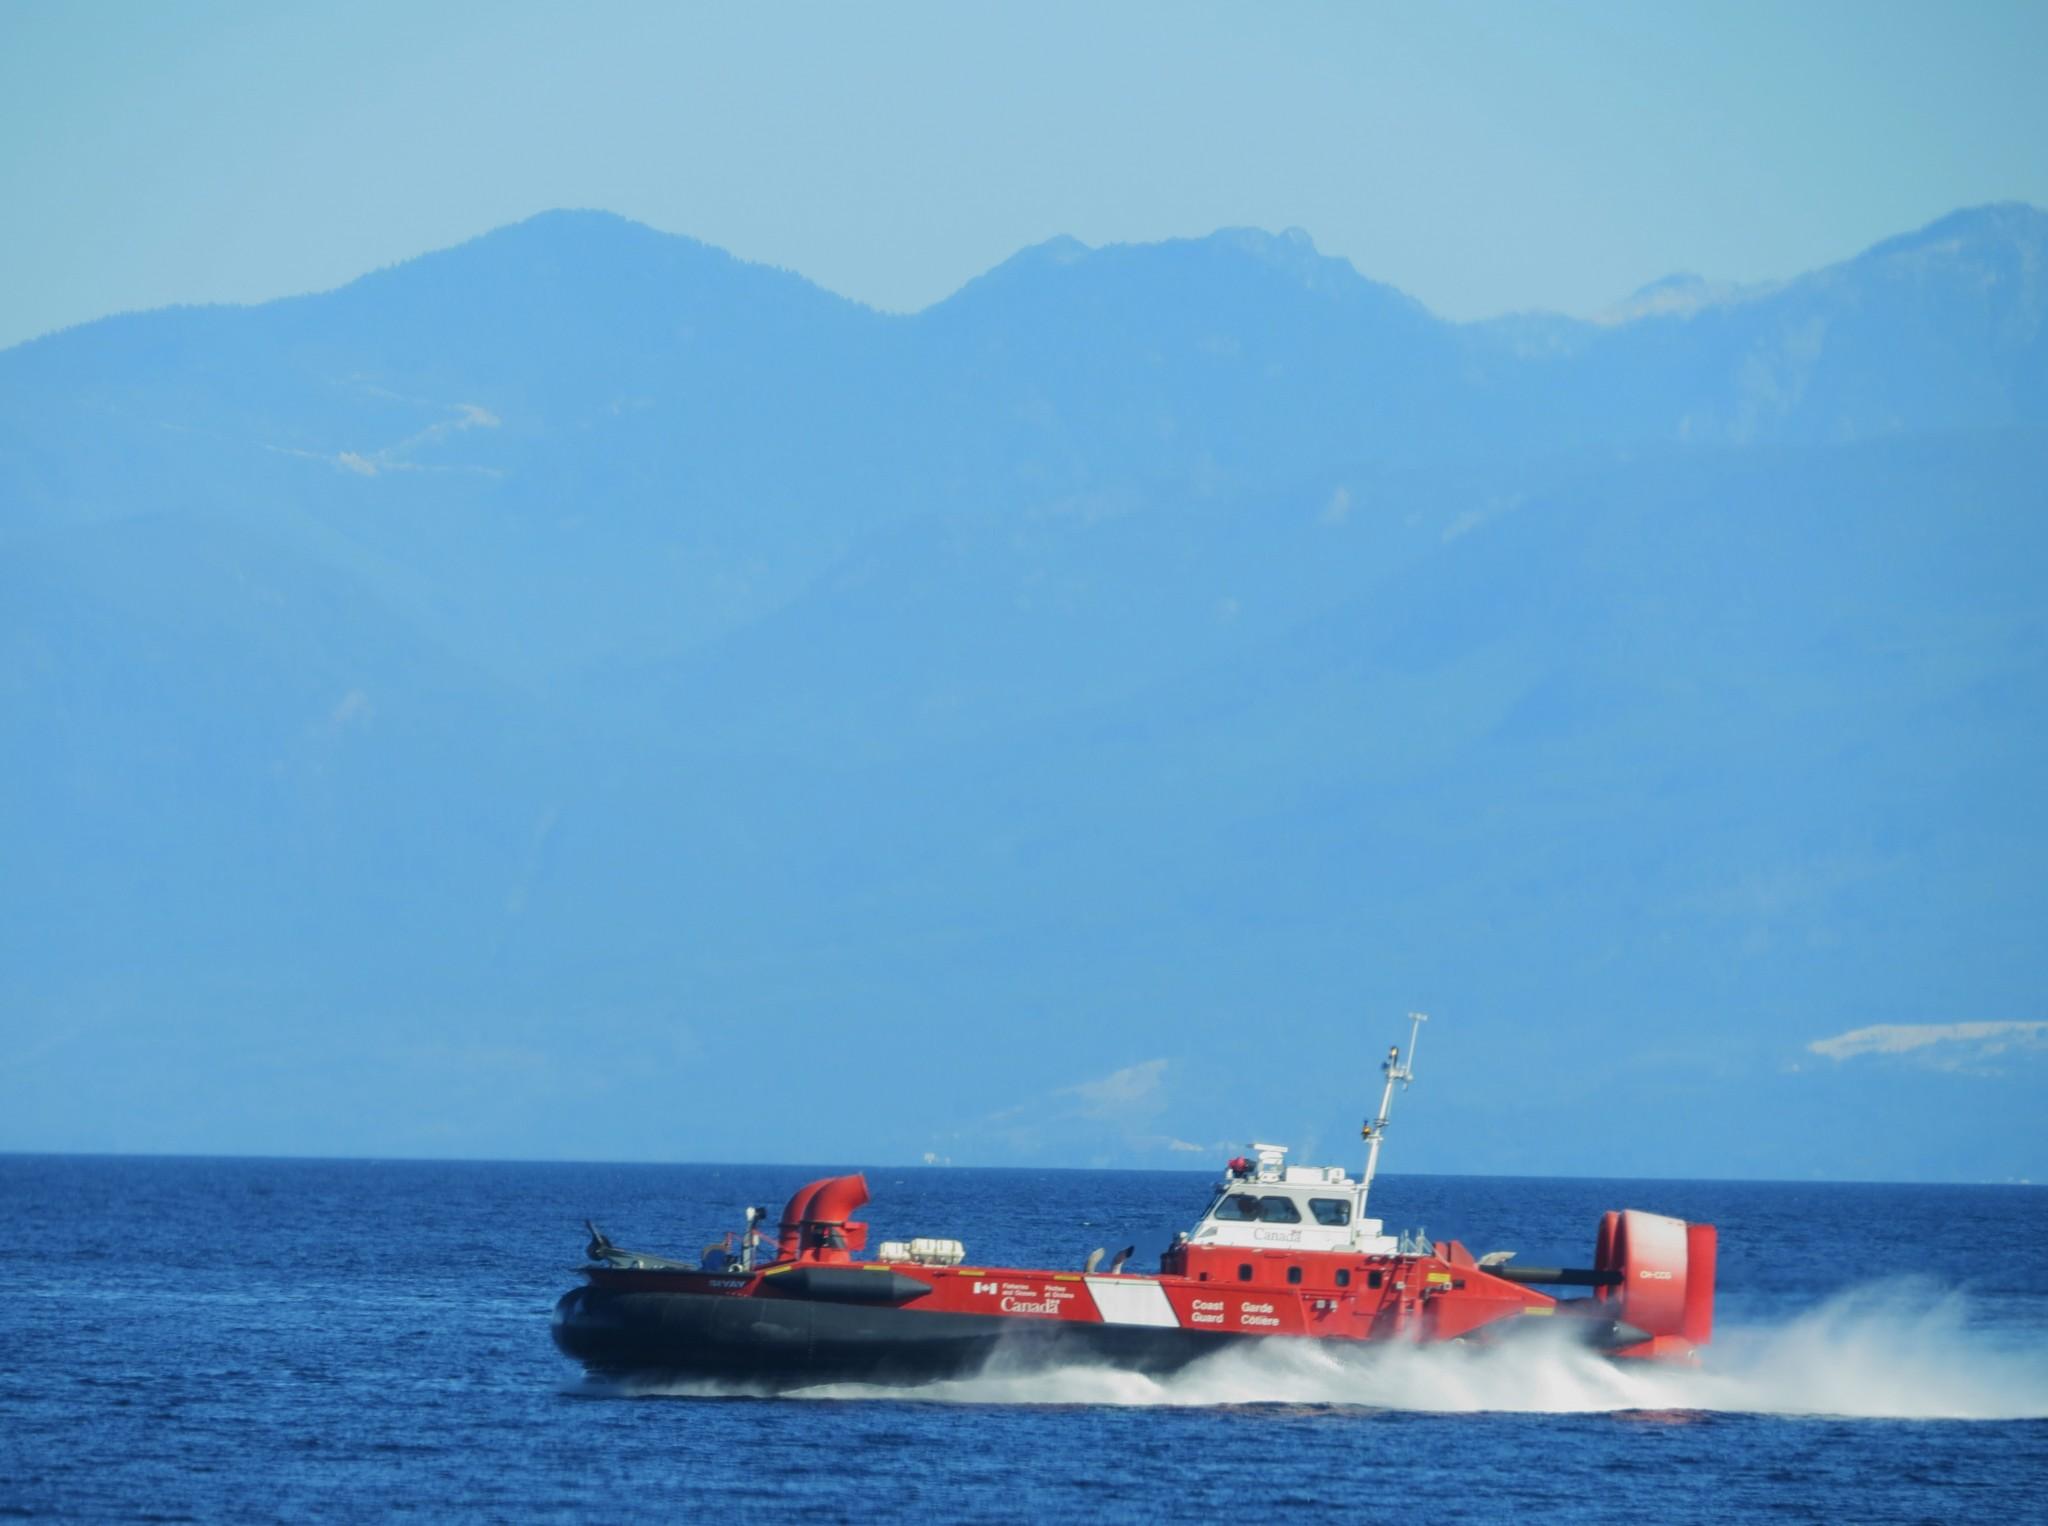 Coastguard from Gabriola Island